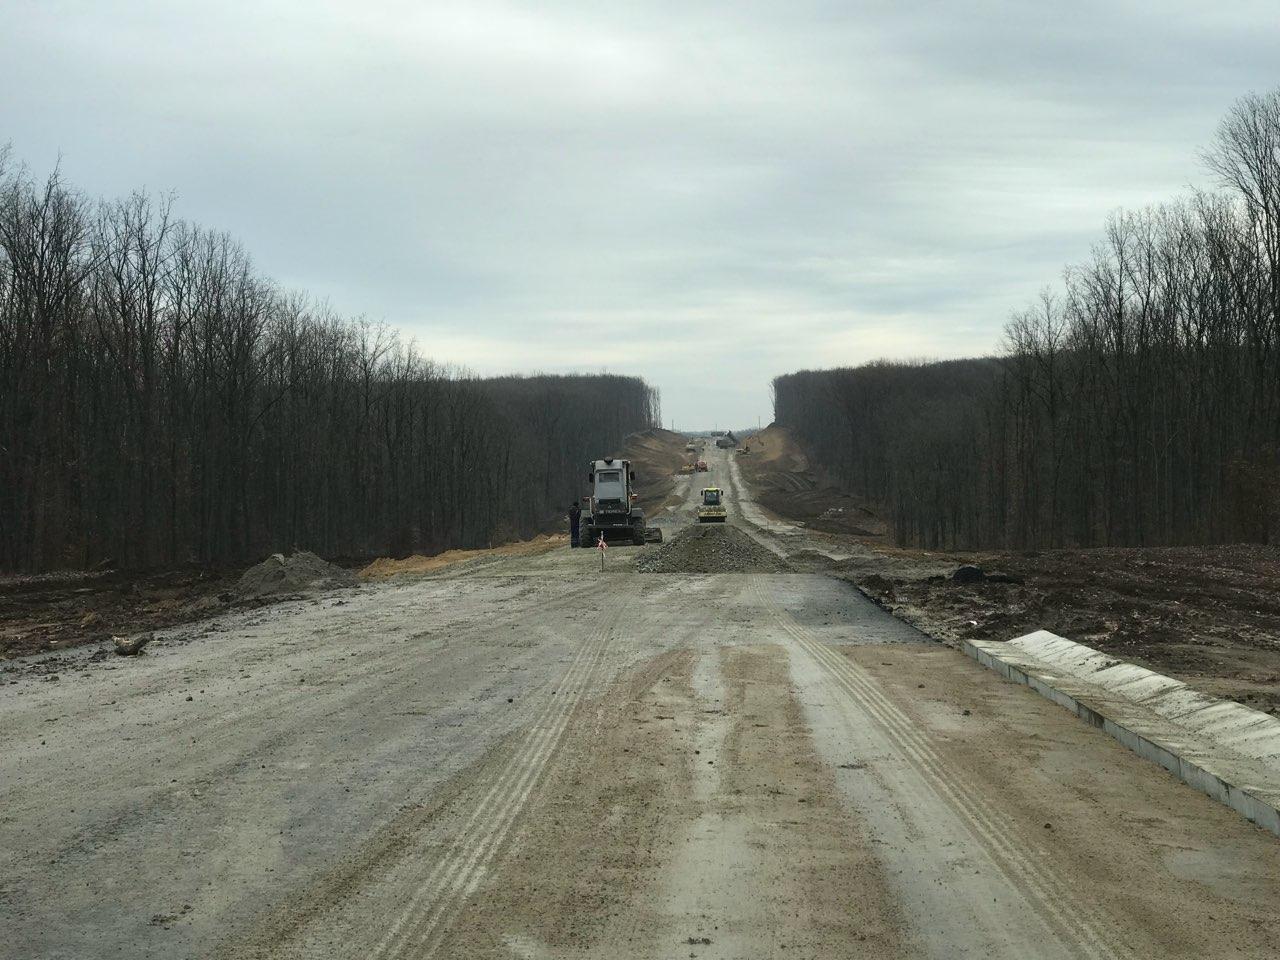 Об'їзну дорогу на Кіровоградщині, заради якої за часів Ларіна знищили гектари лісу, нарешті відкриють для транспорту. ФОТО. ВІДЕО 1